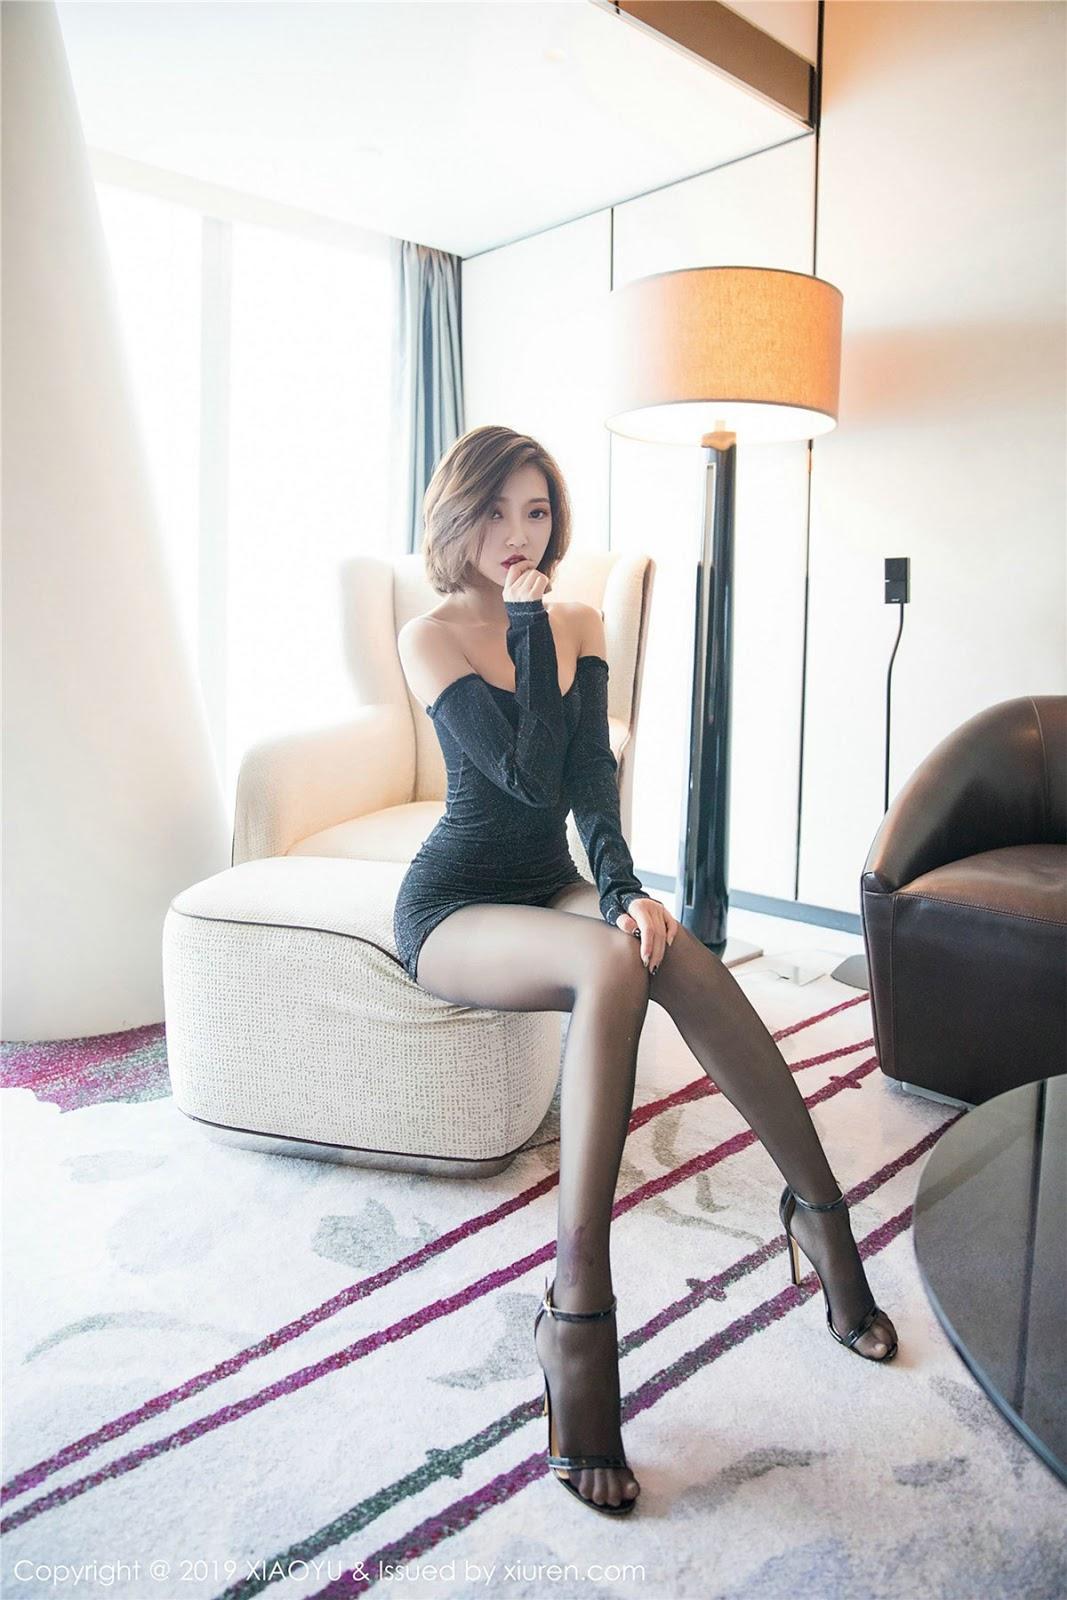 [语画界XiaoYu] Vol.158 Feng Mu Mu - CHINA MODEL GIRL